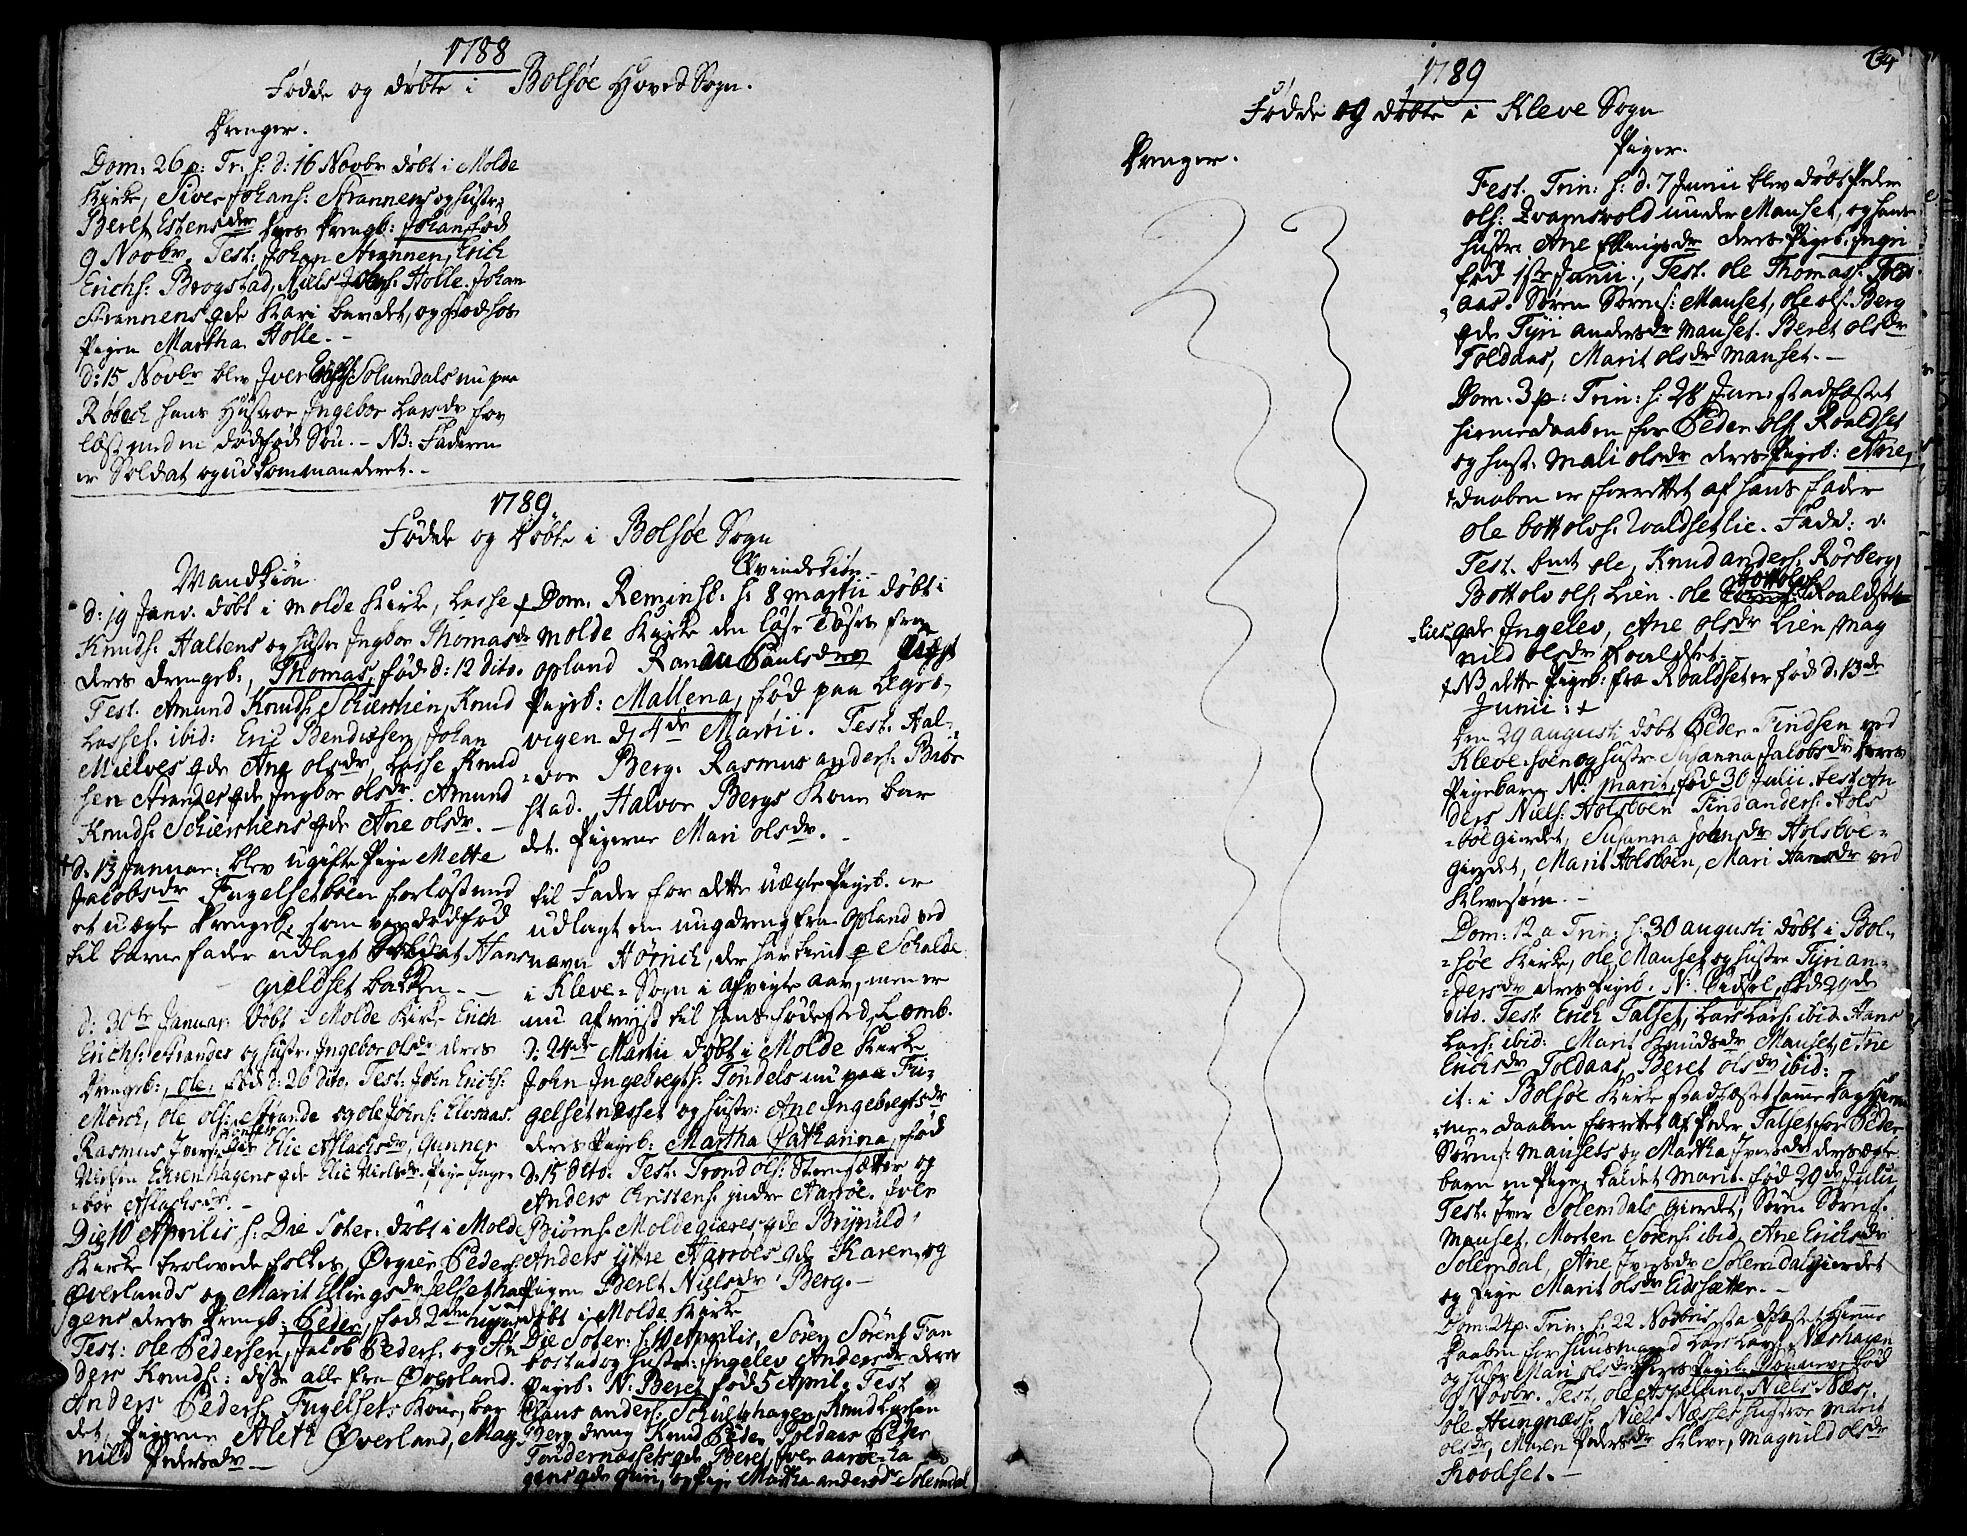 SAT, Ministerialprotokoller, klokkerbøker og fødselsregistre - Møre og Romsdal, 555/L0648: Ministerialbok nr. 555A01, 1759-1793, s. 64